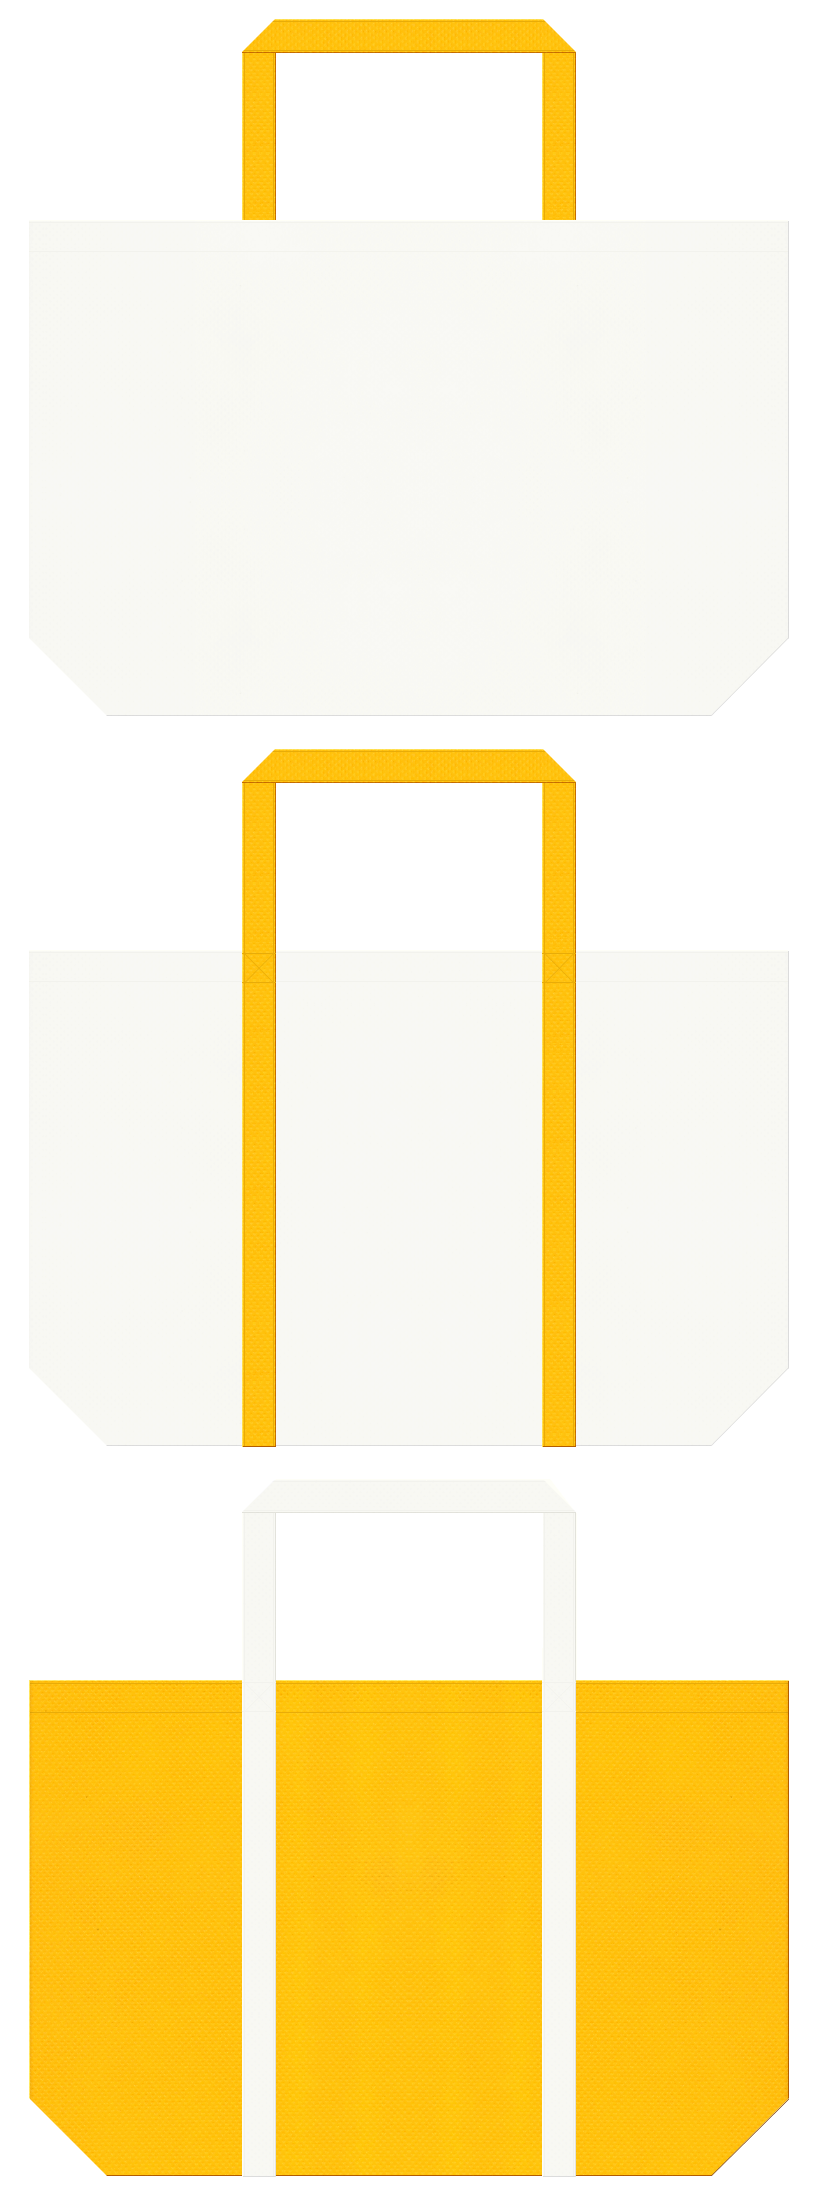 オフホワイト色と黄色の不織布ショッピングバッグのデザイン:フルーツのショッピングバッグや果樹園のノベルティにお奨めです。